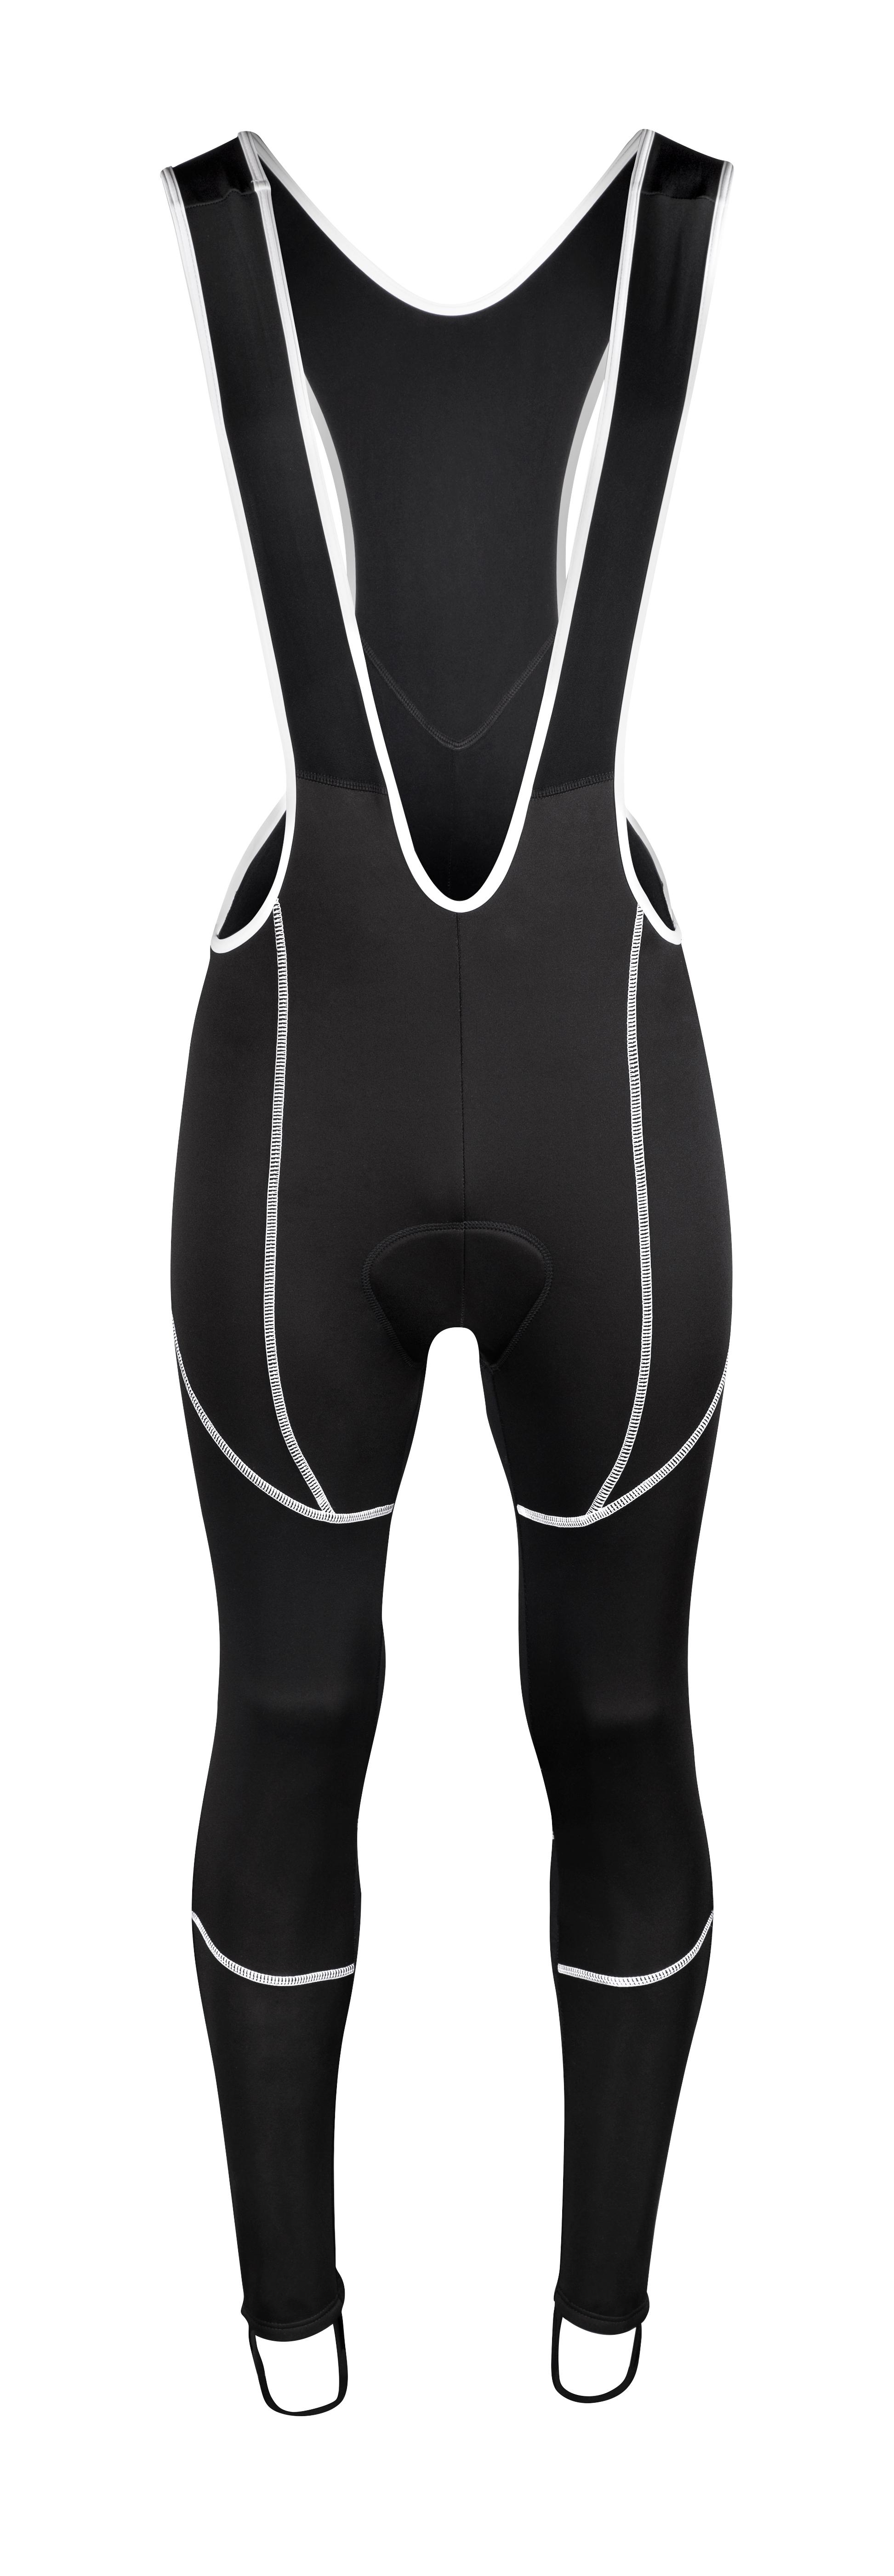 kalhoty F Z70 SOFTSHELL se šráky s vložkou XXXL